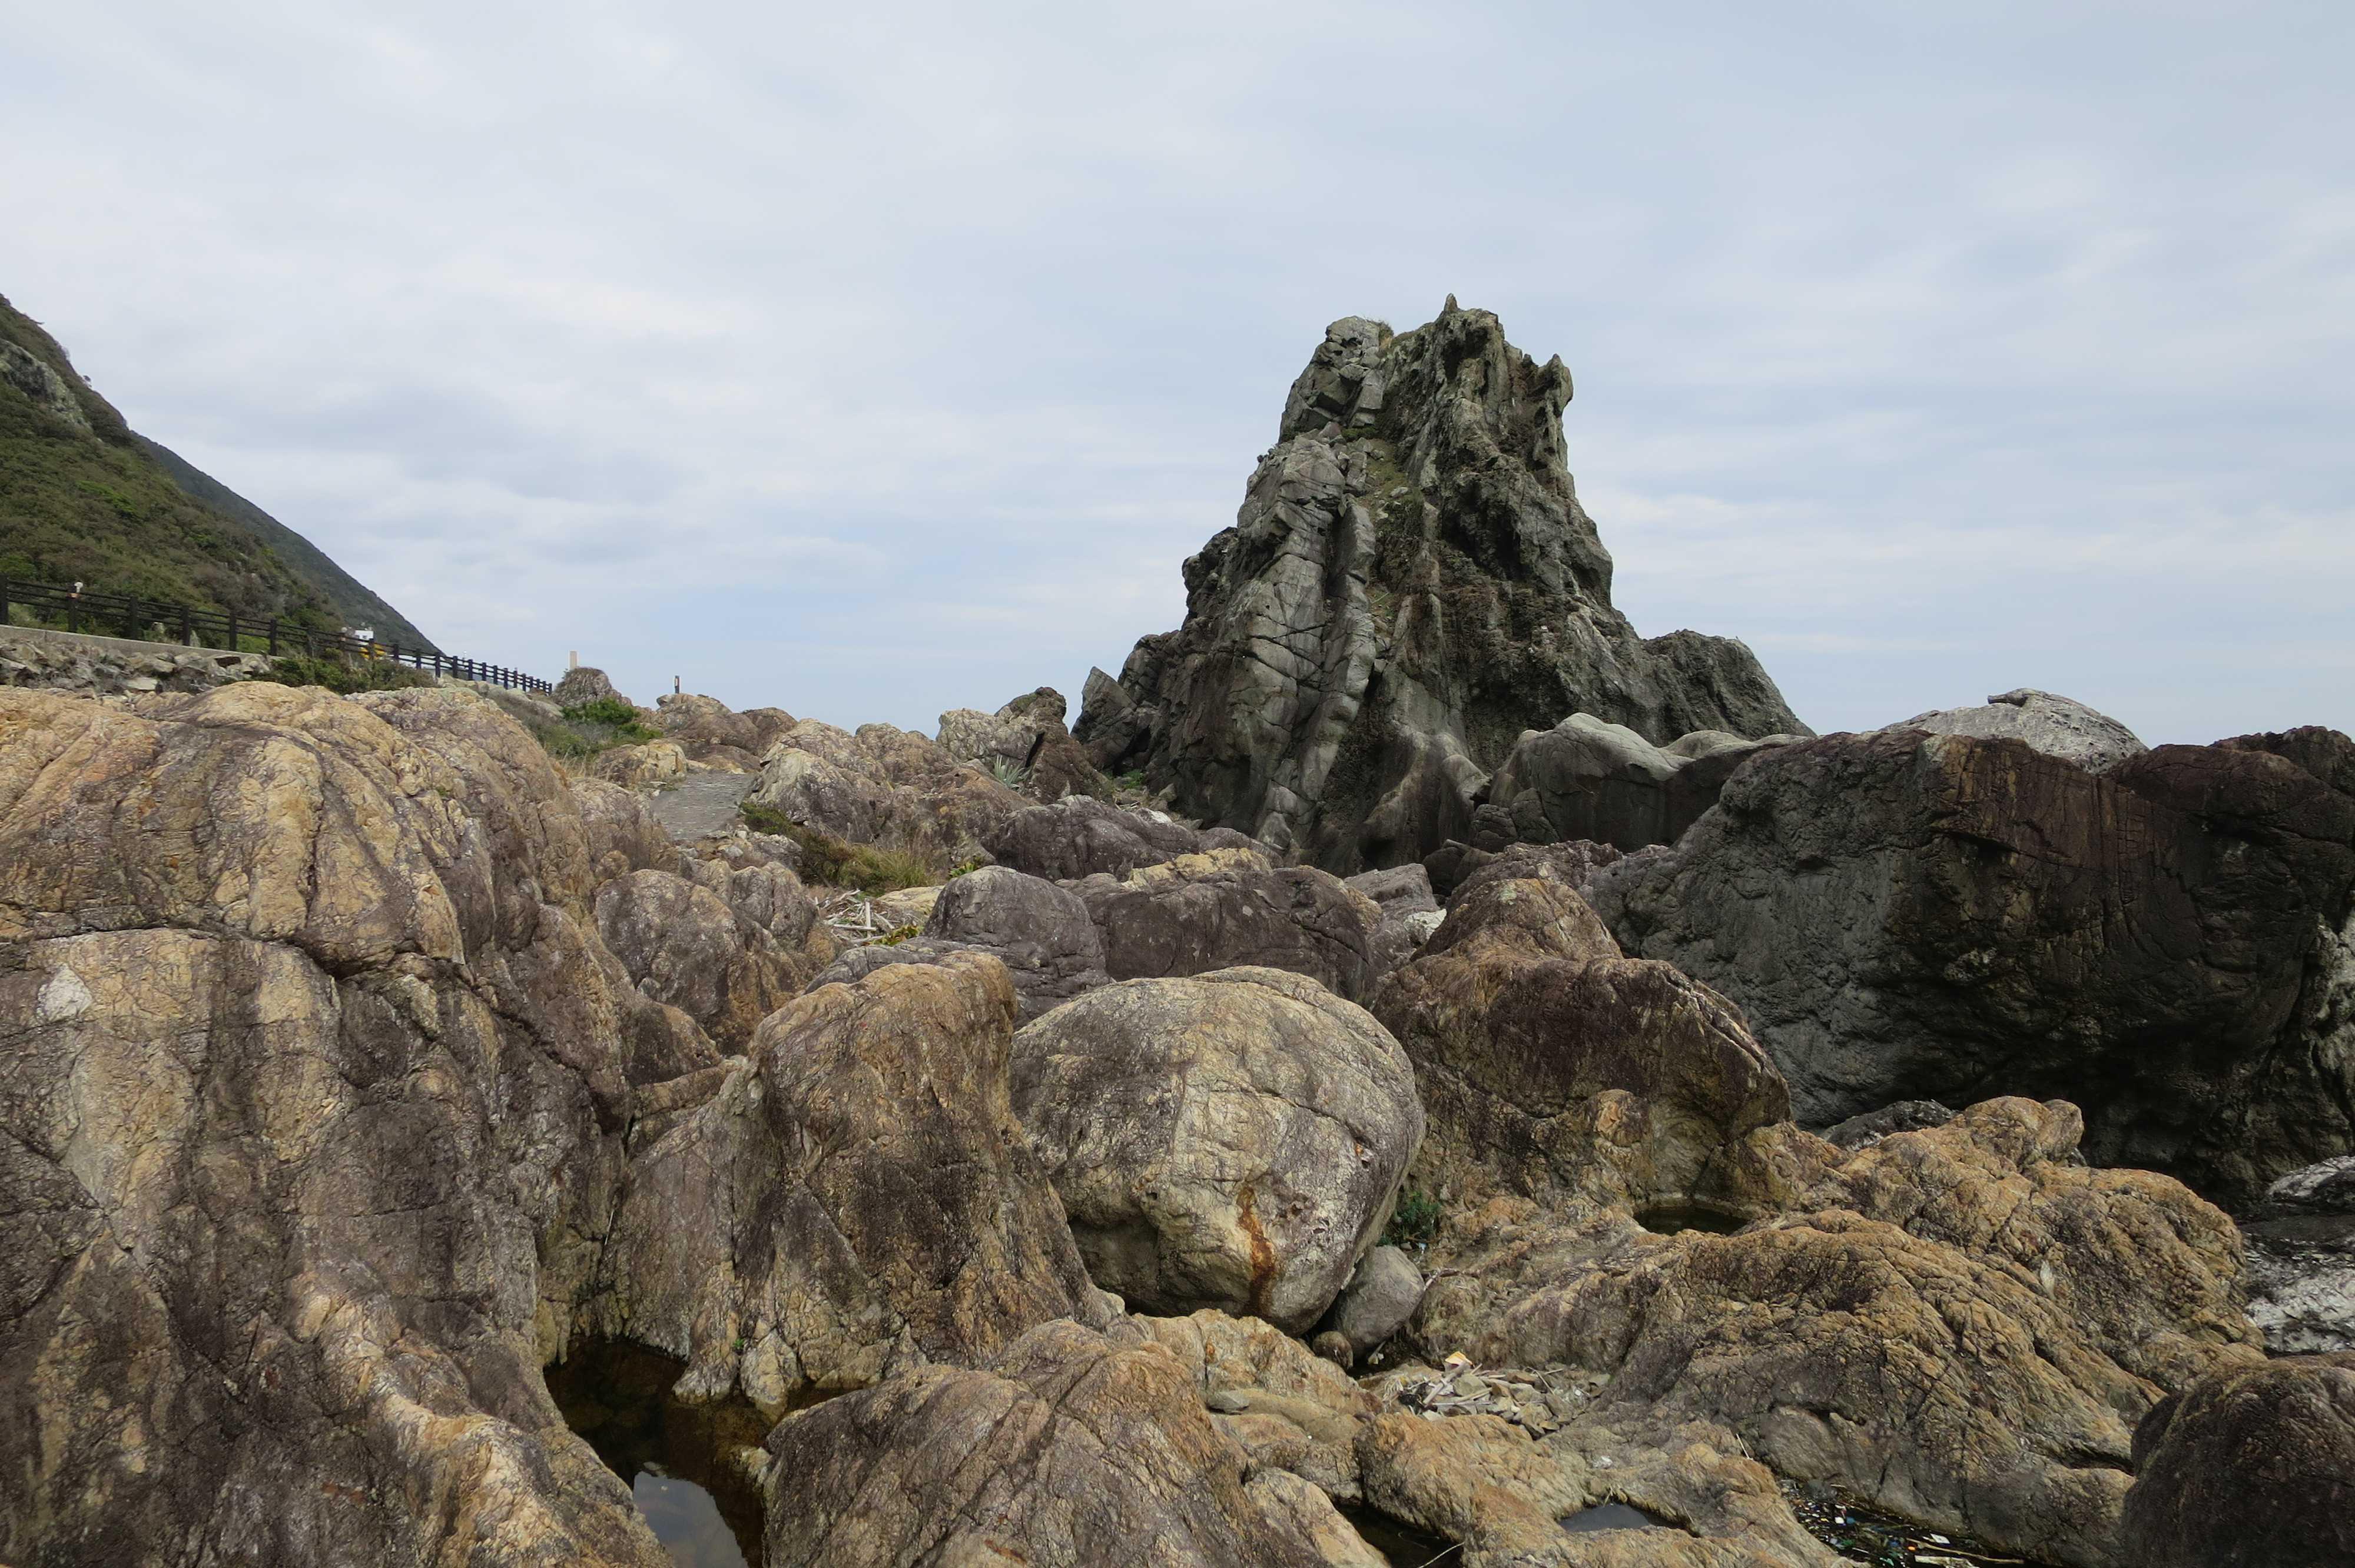 ビシャゴ岩 - 室戸岬 乱礁遊歩道